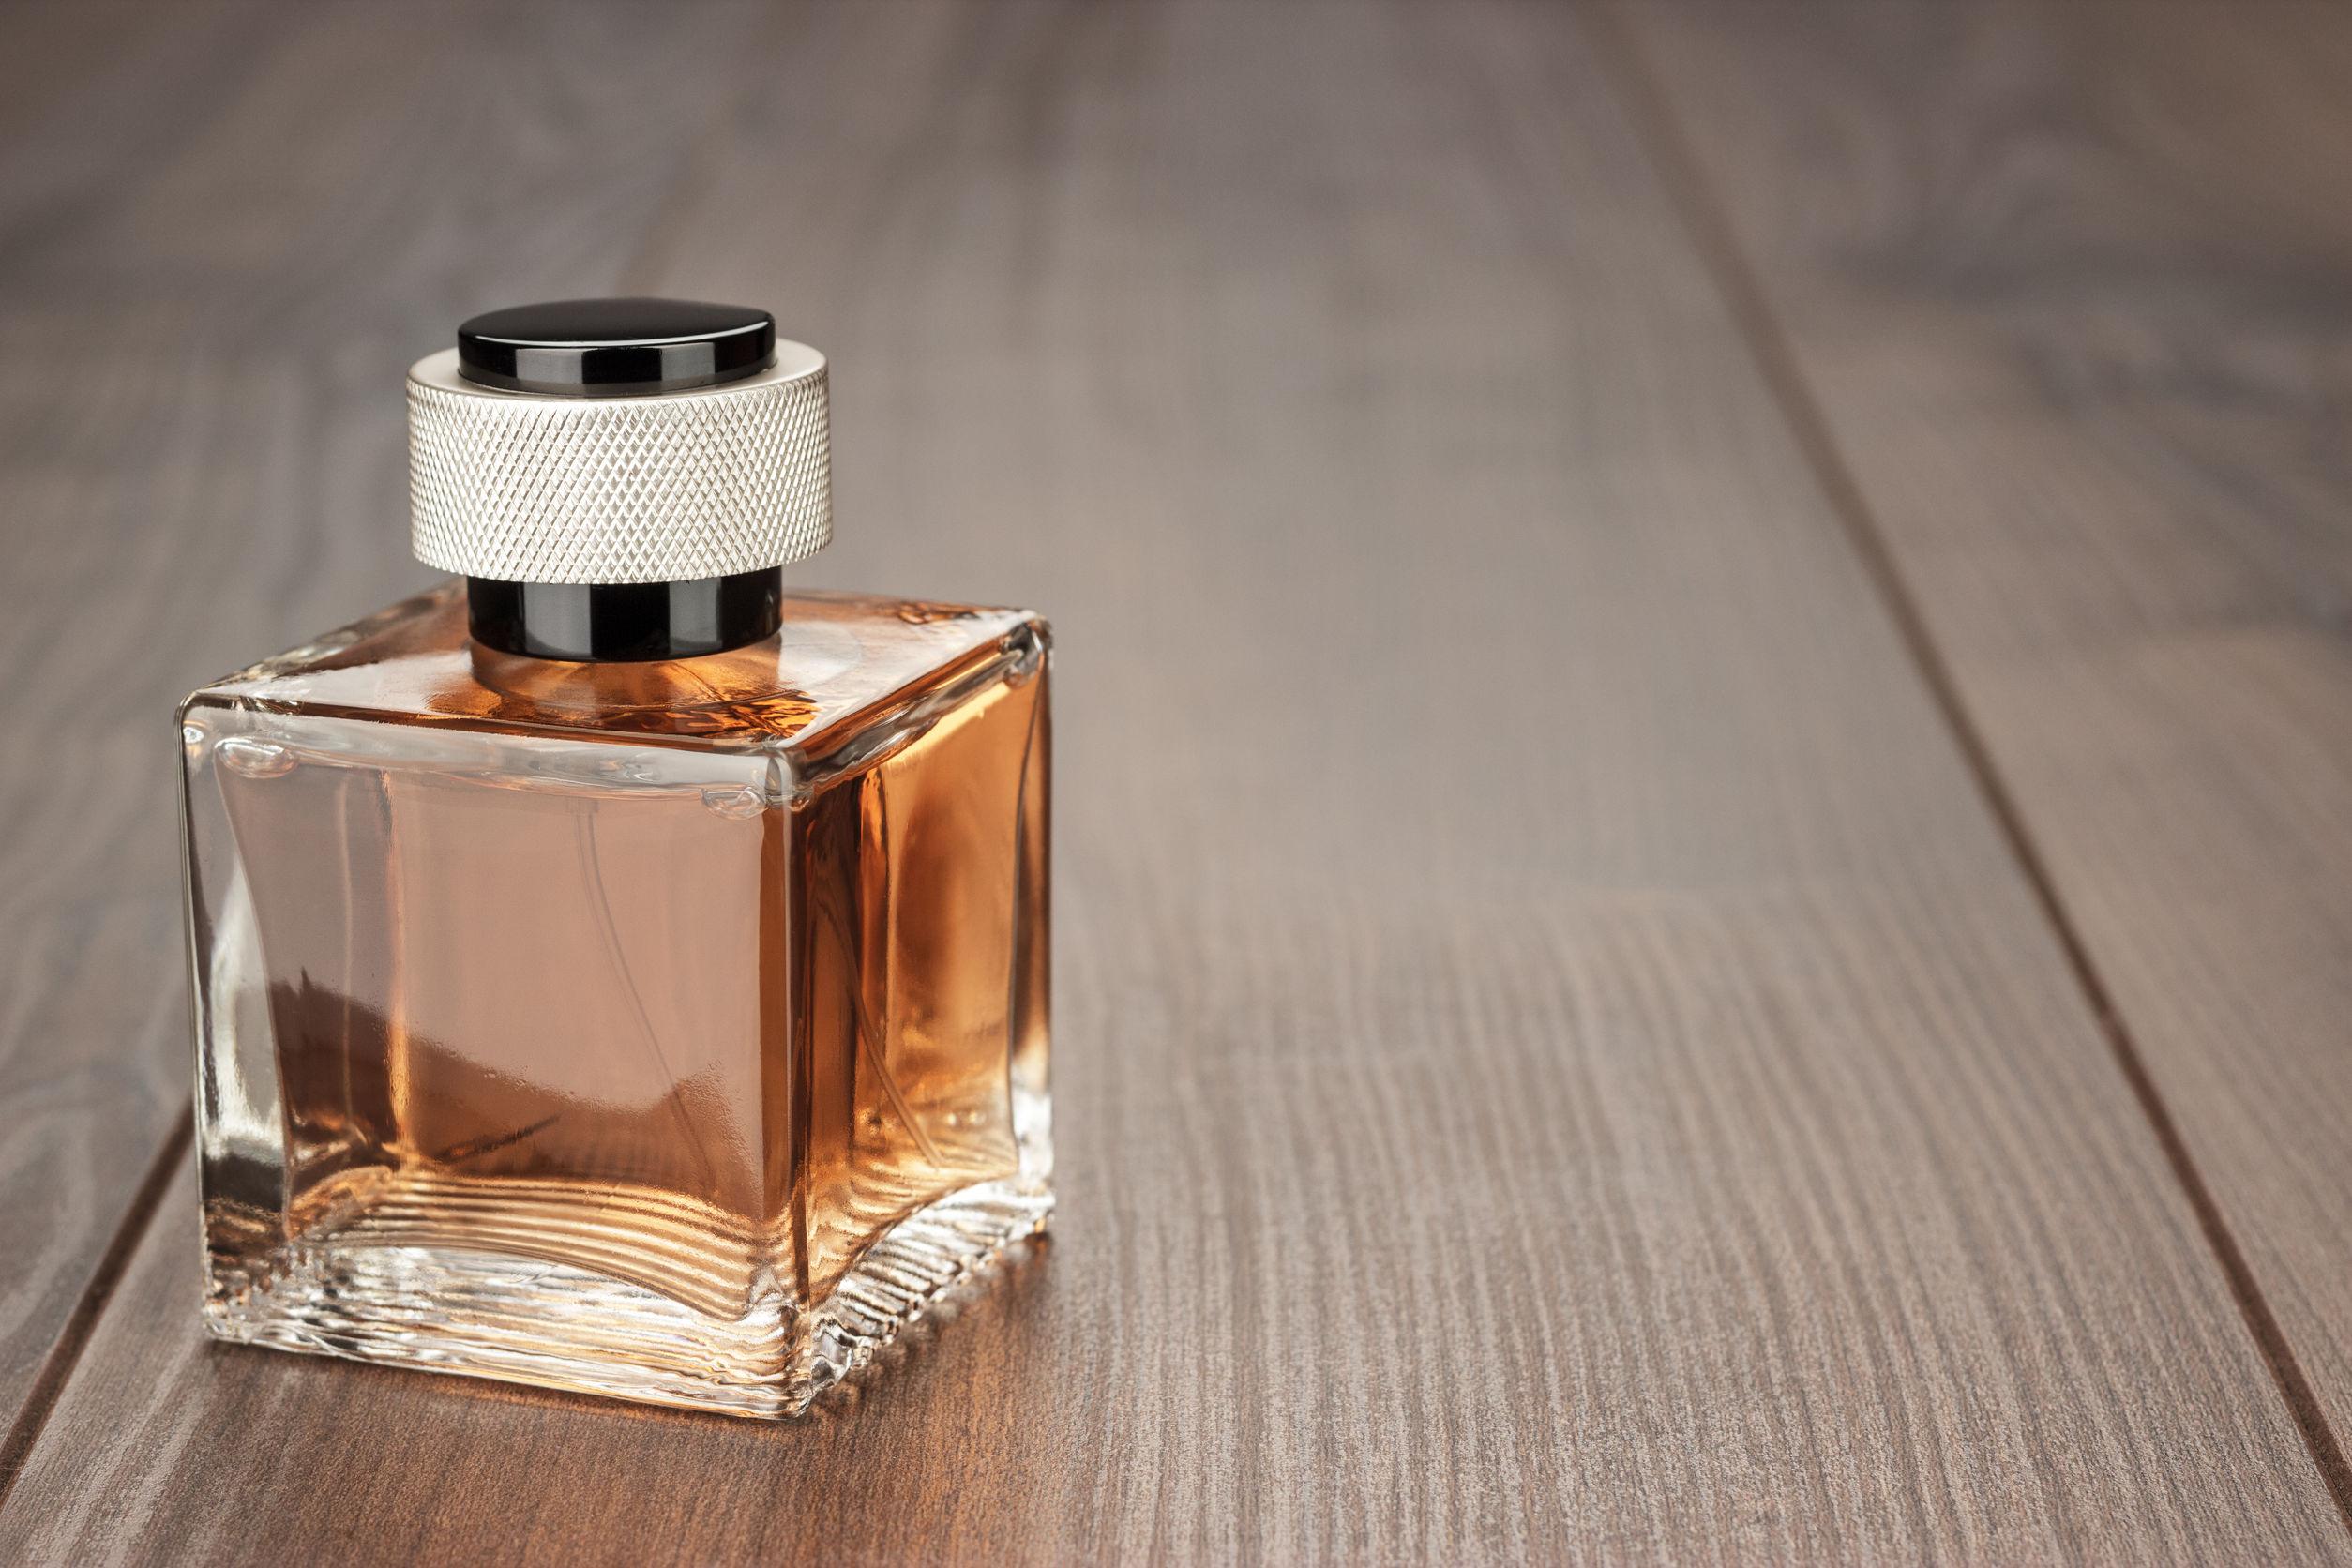 Imagem de um frasco de perfume.